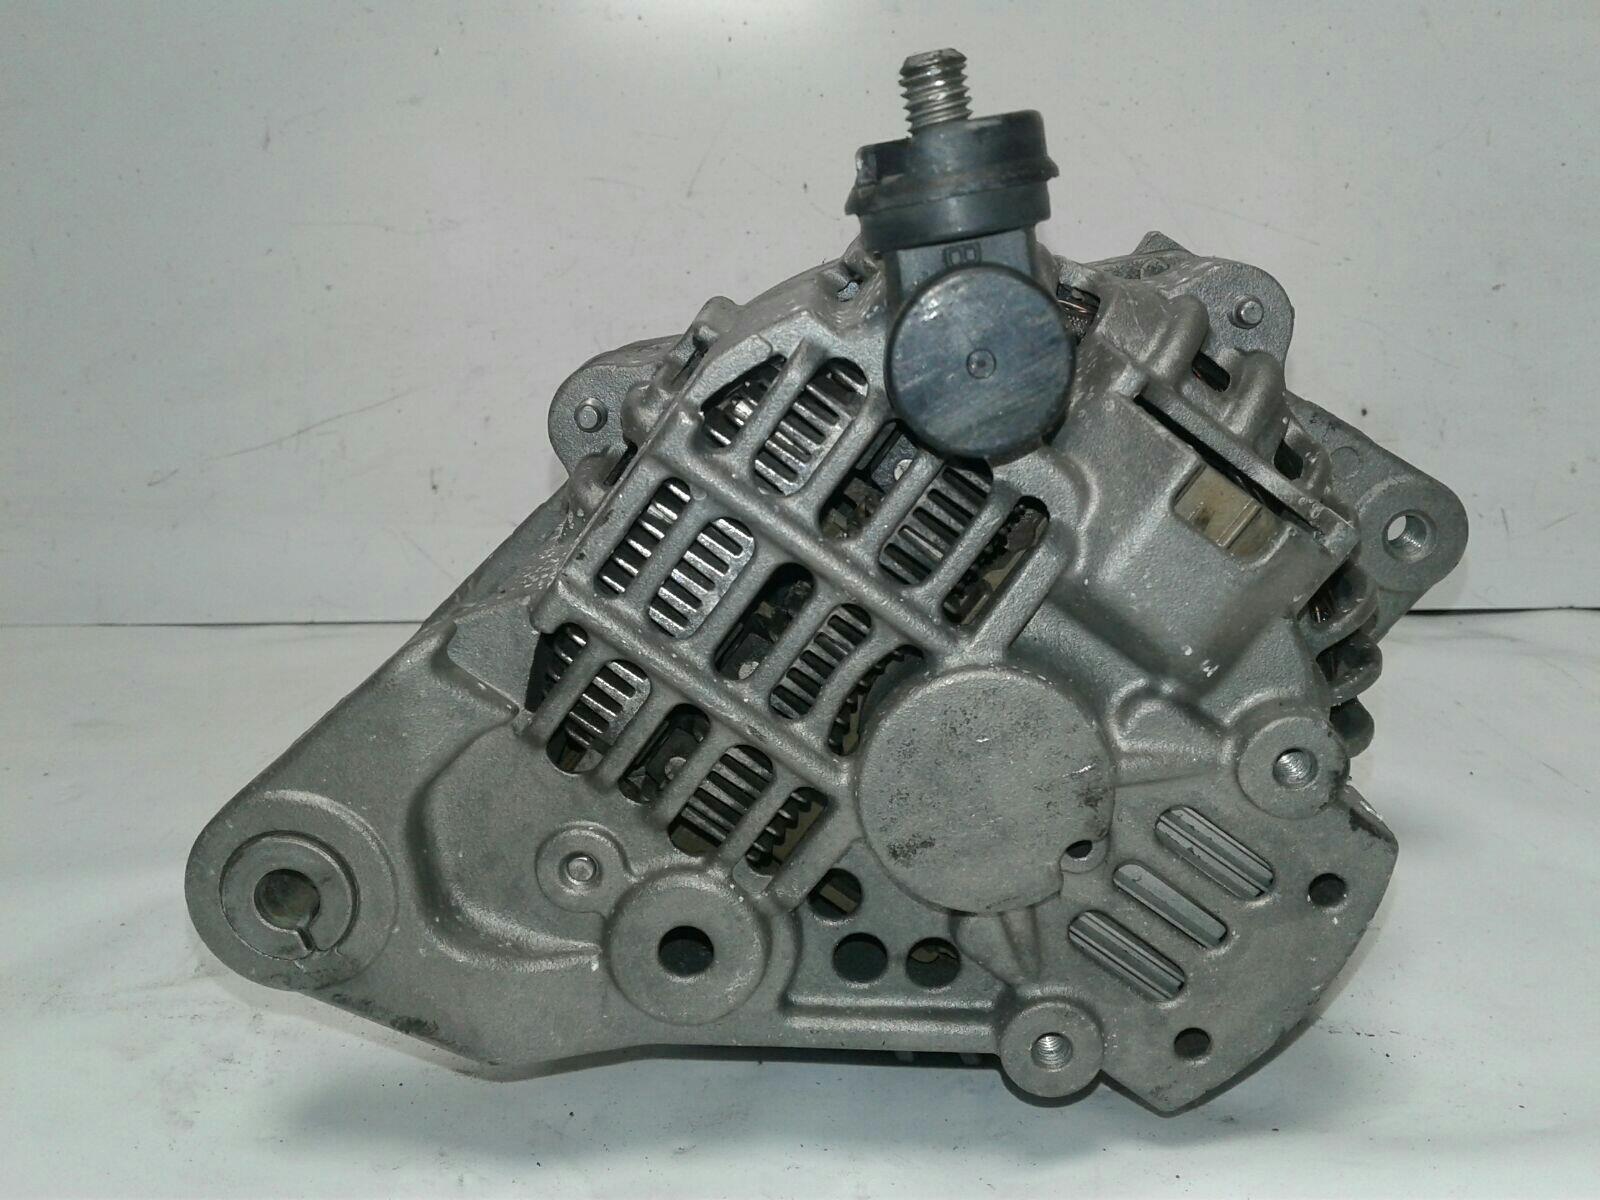 Subaru Impreza 2000 To 2003 Alternator Petrol Manual For Sale Wiring Diagram Wrx 20 Ej205 Warranty 7335110